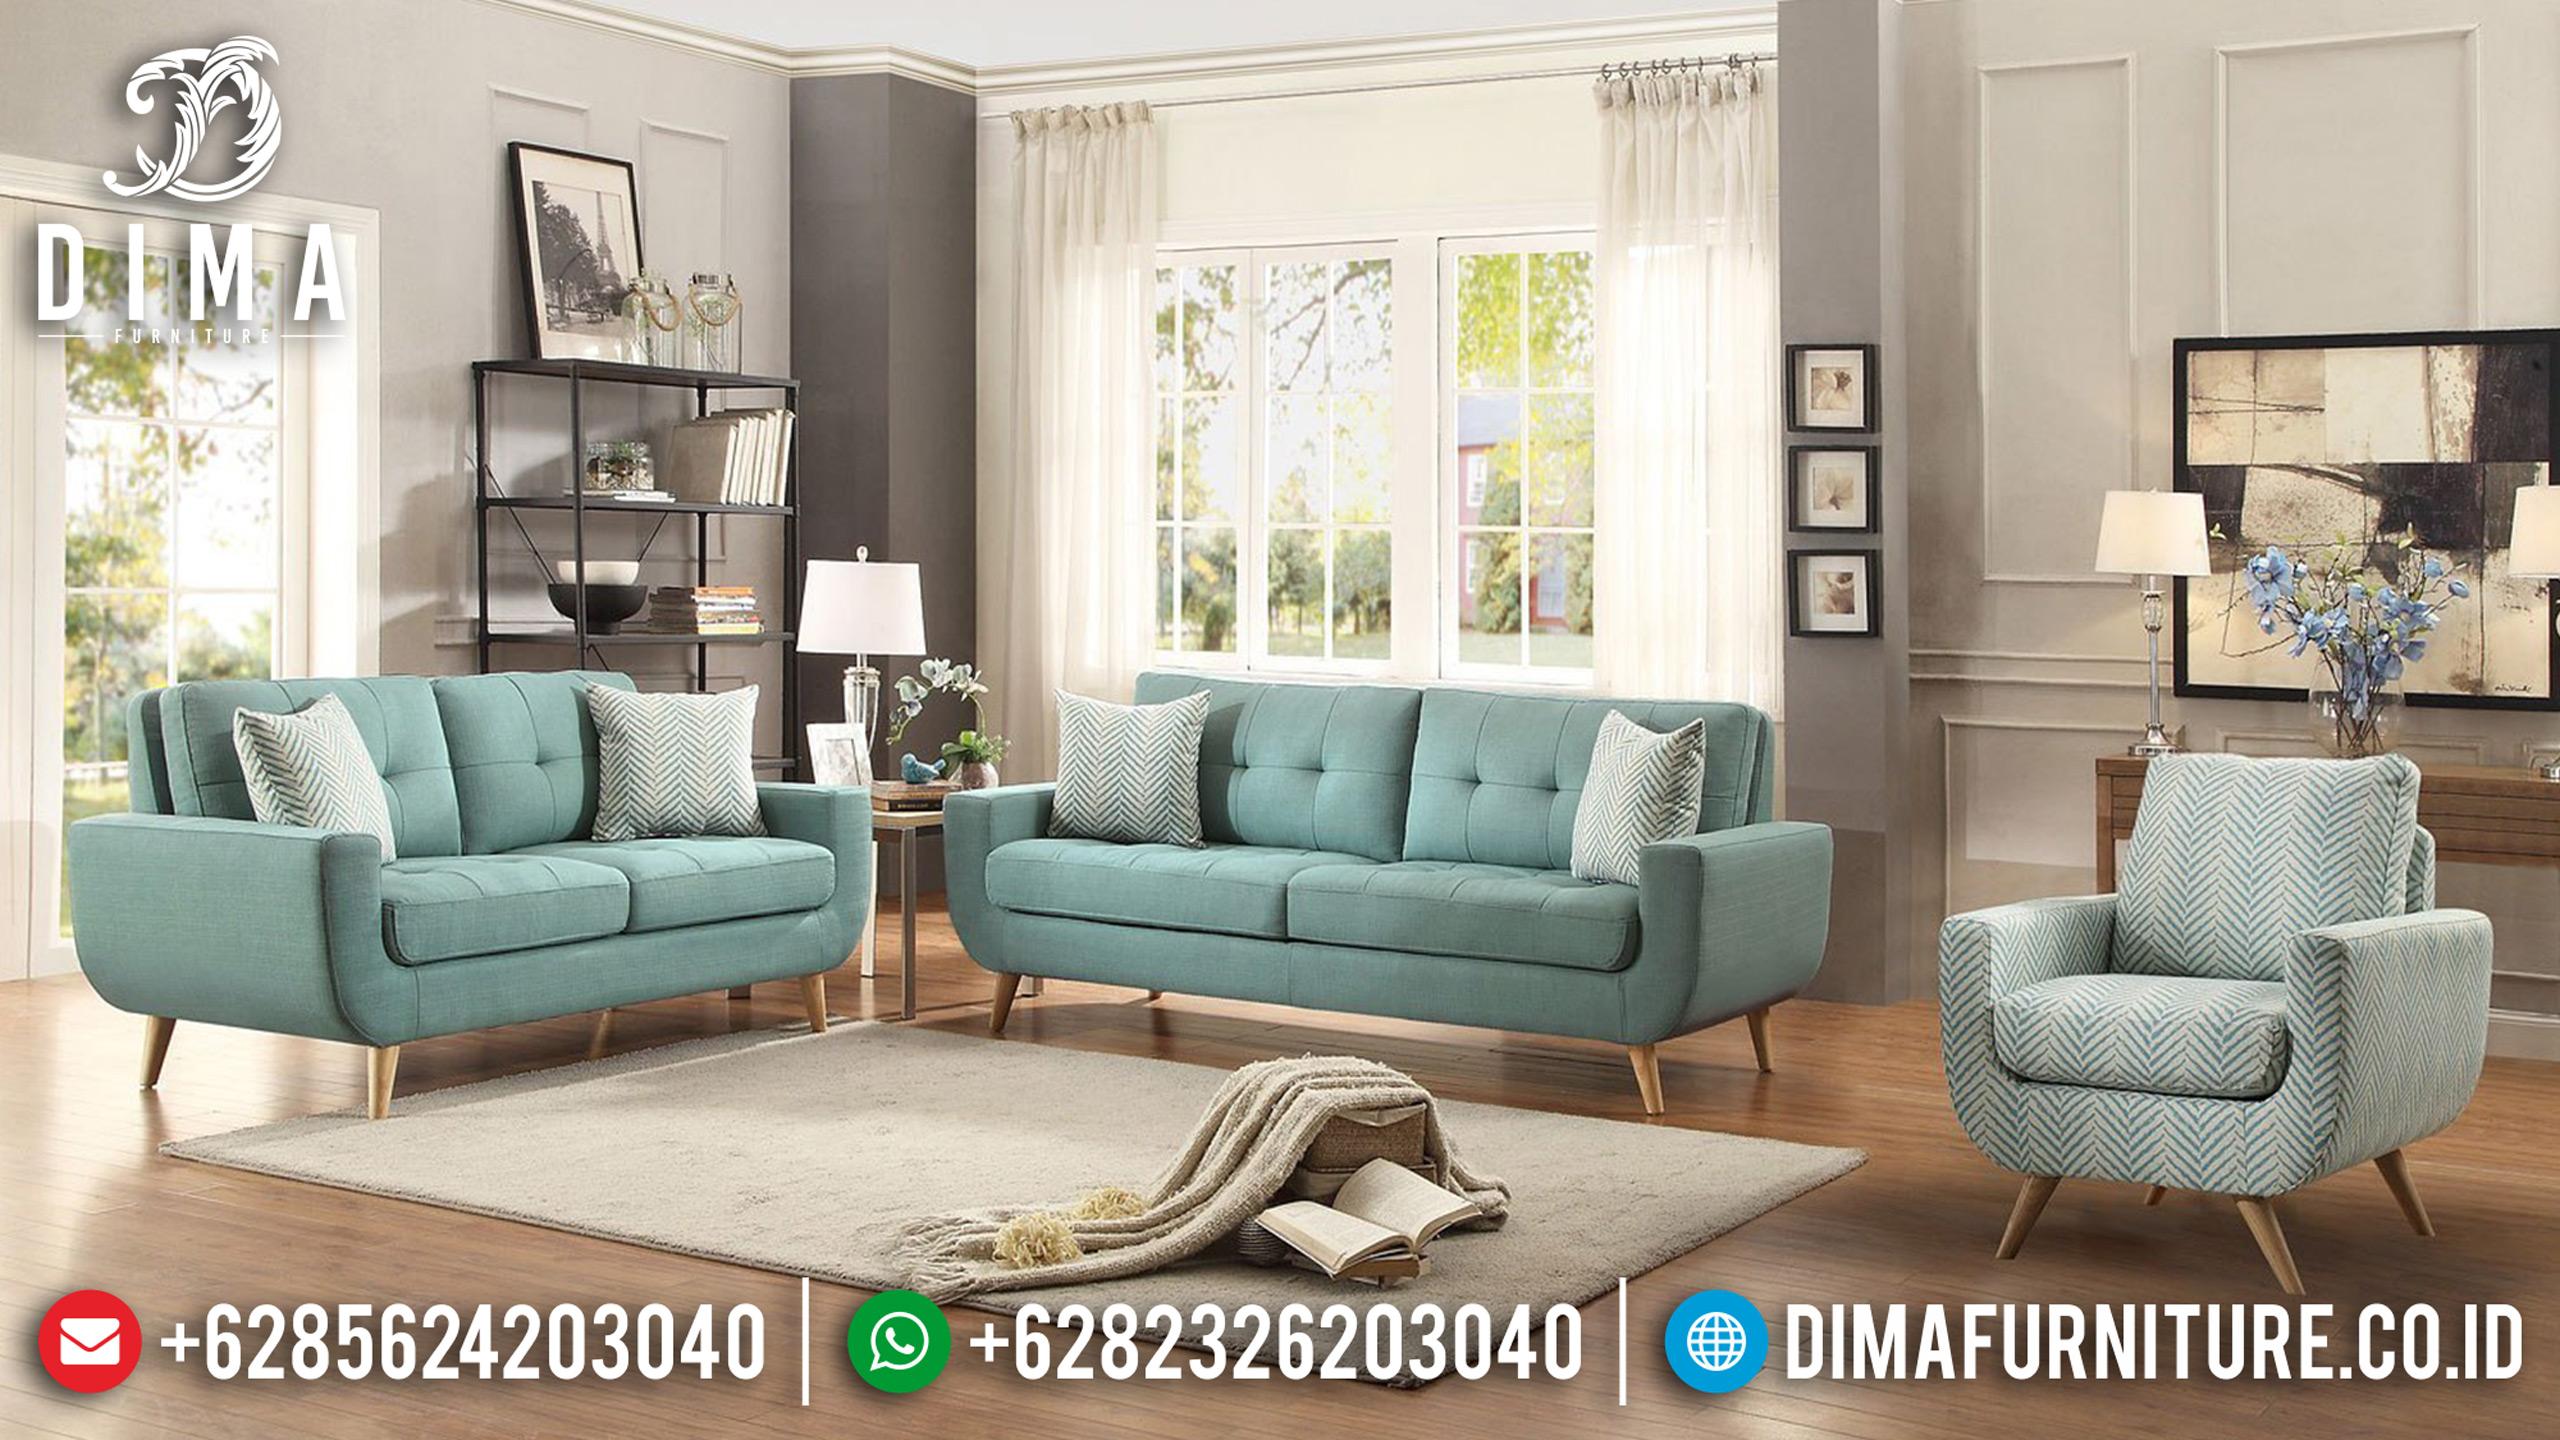 Model Terbaru Set Sofa Tamu Jepara Minimalis Mewah Loveseat Modern DF-0838